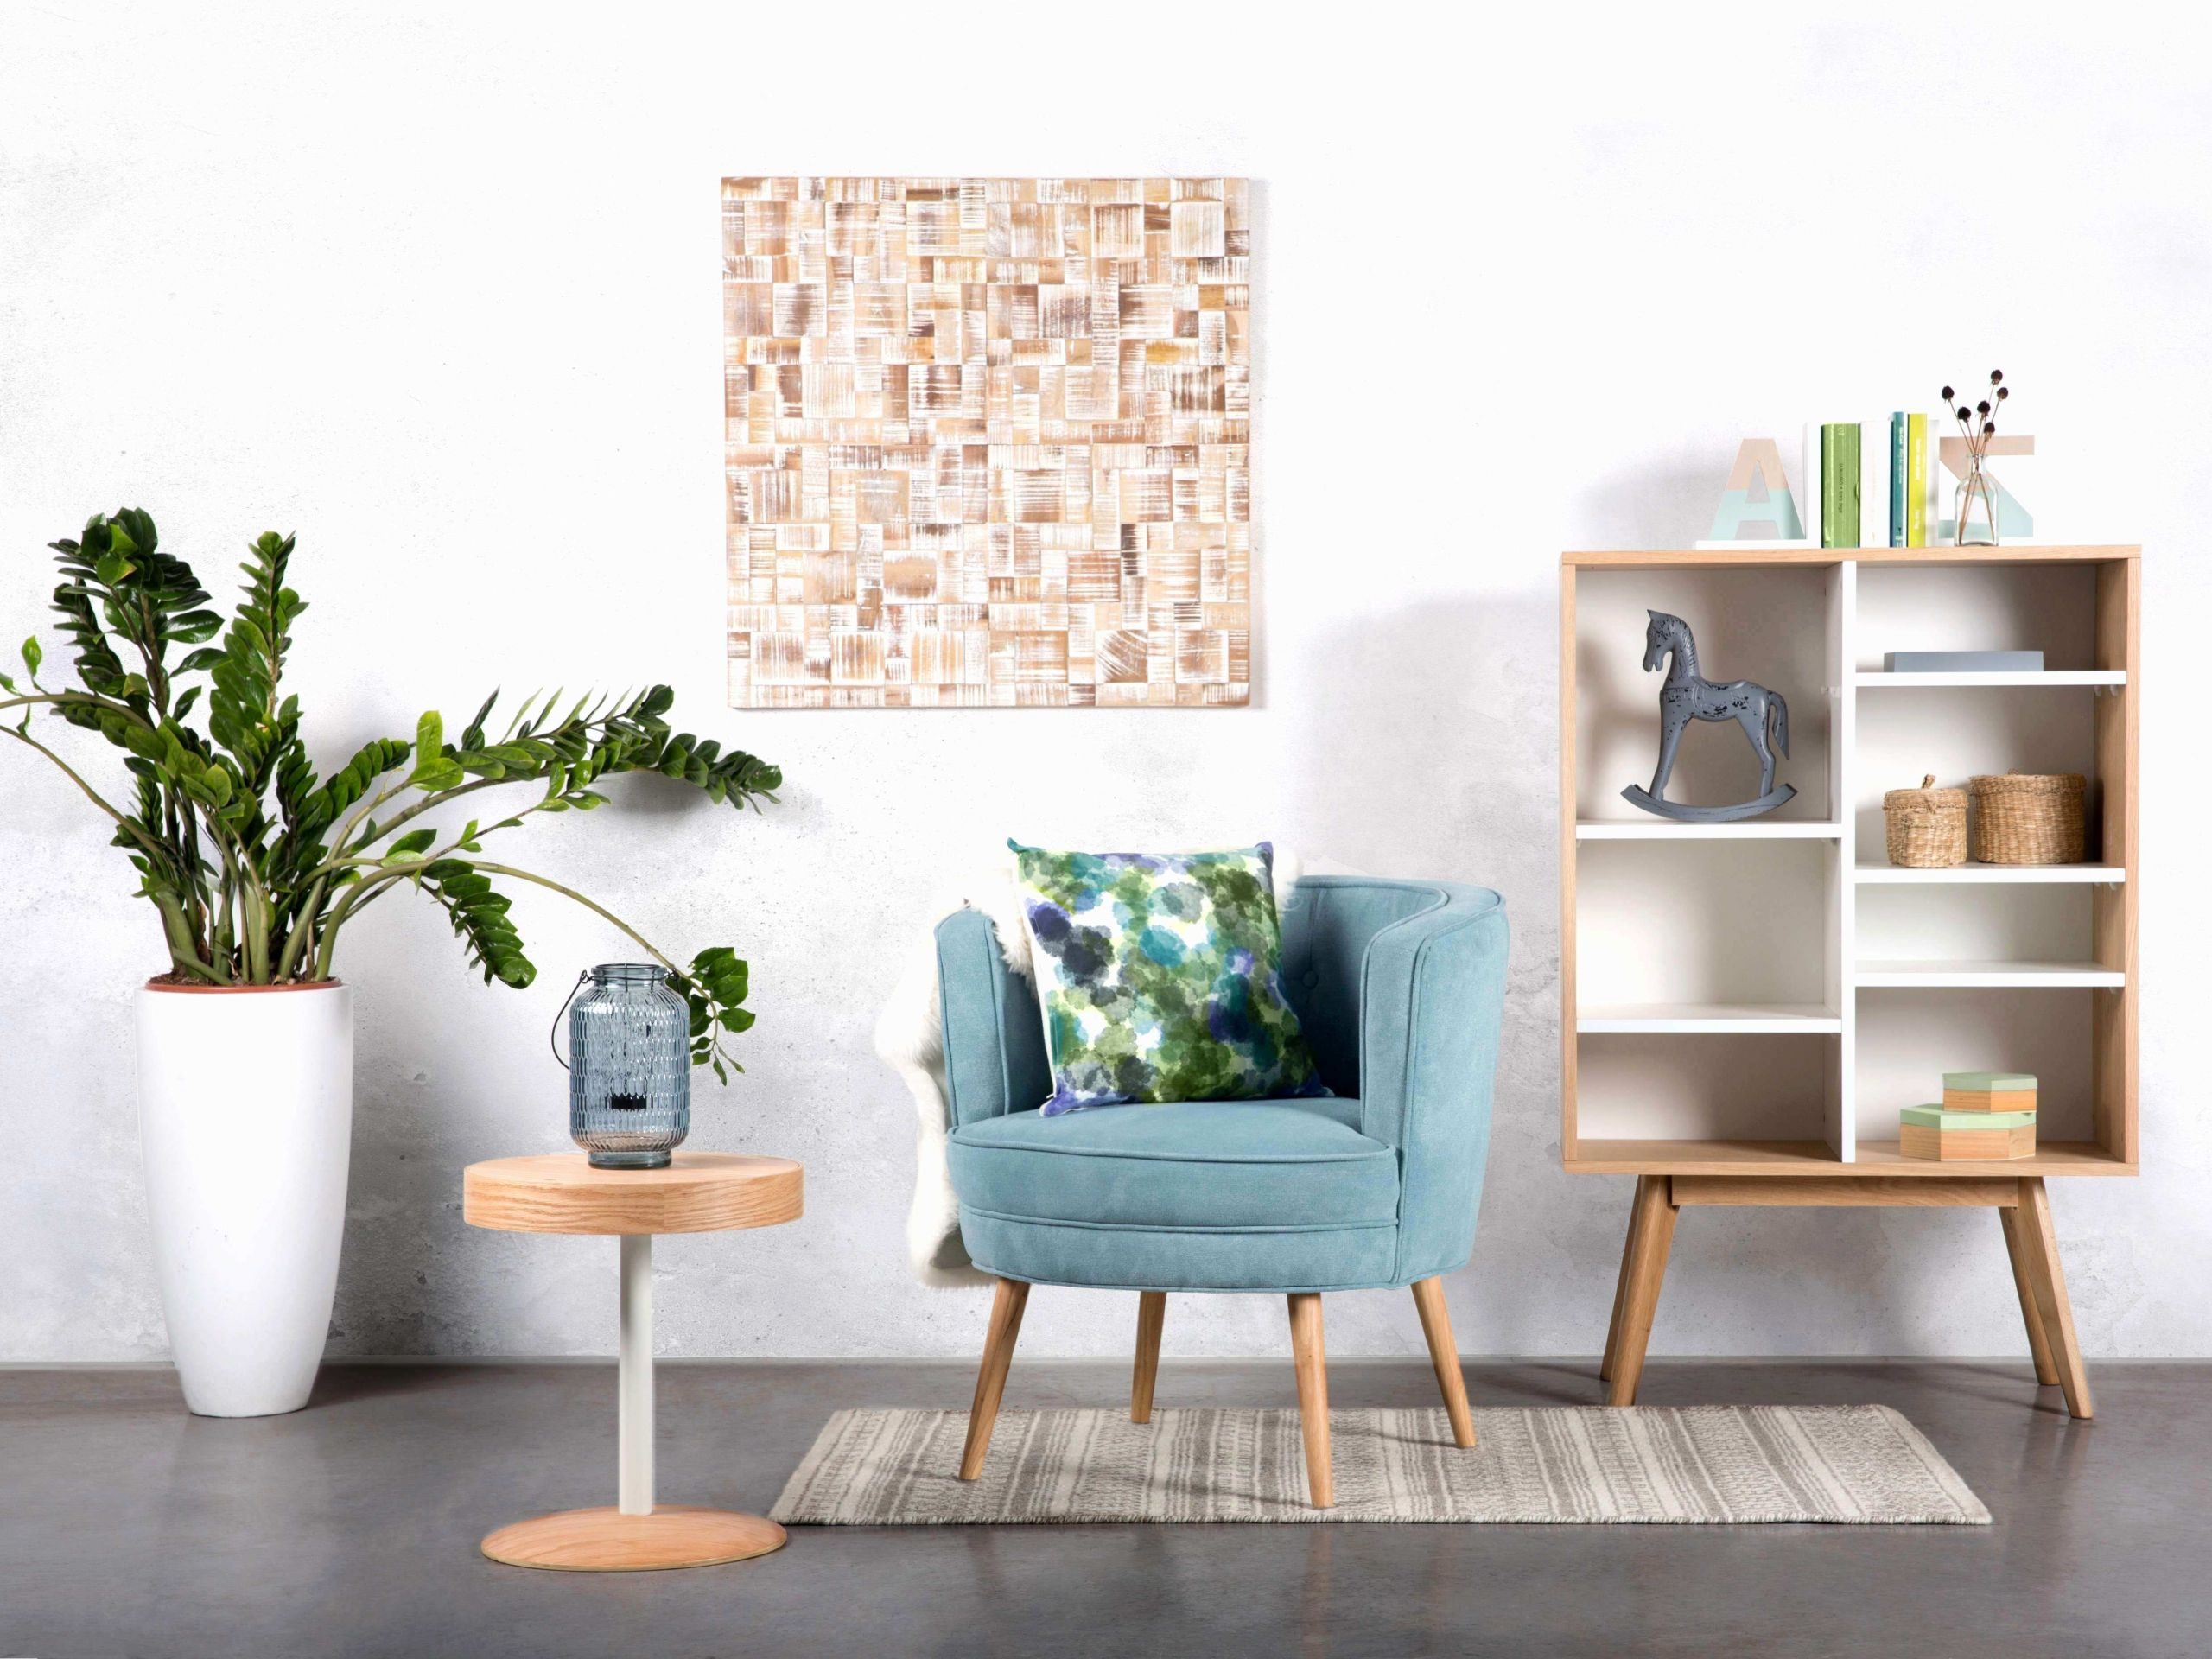 Baumstumpf Dekorieren Luxus Baumtisch Wohnzimmer